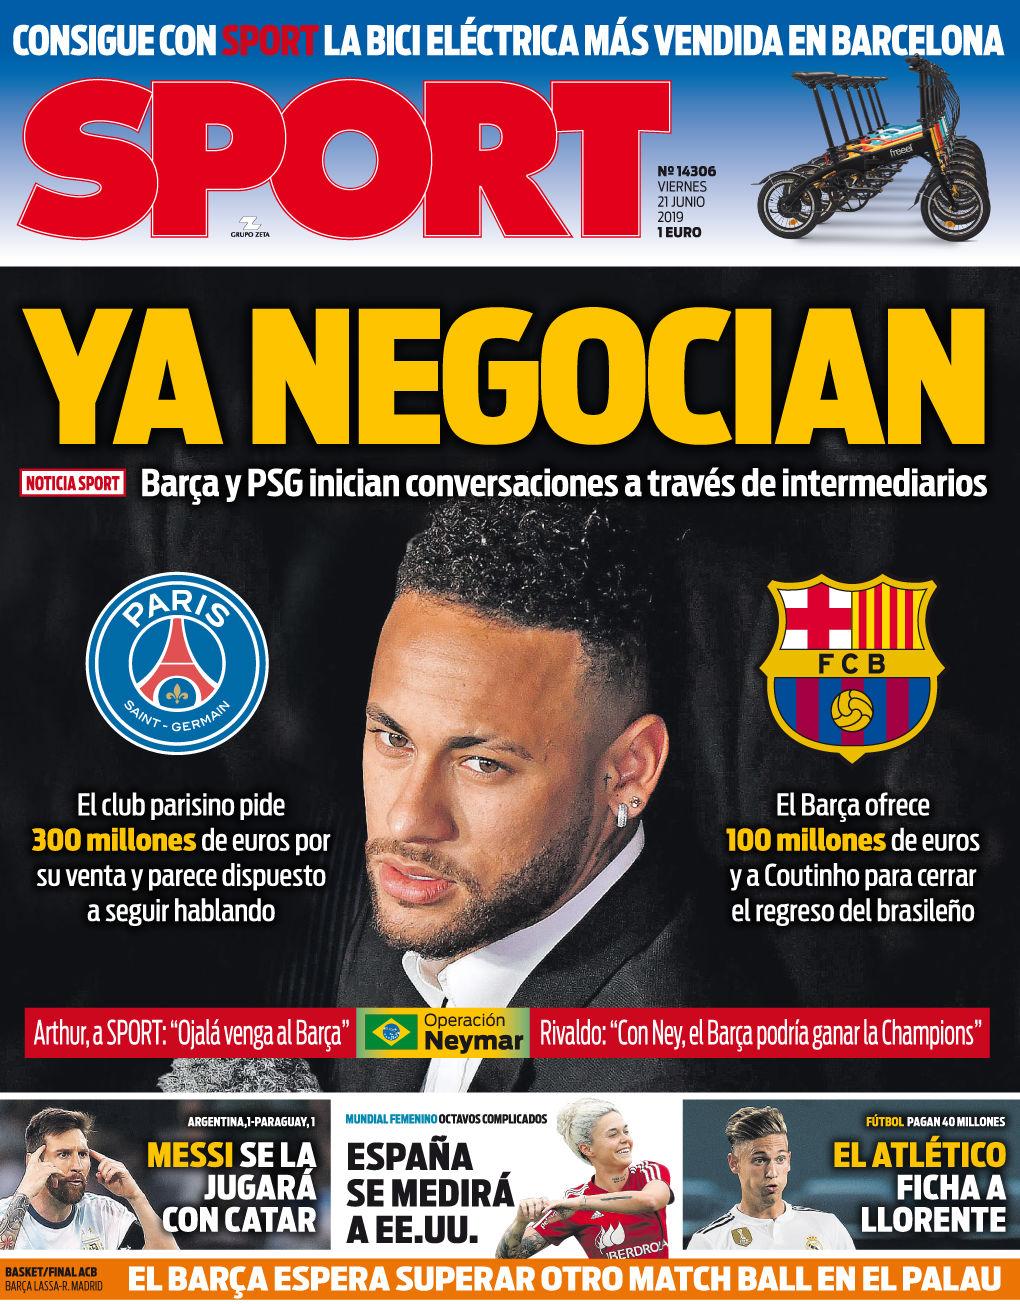 Cavani su Neymar: